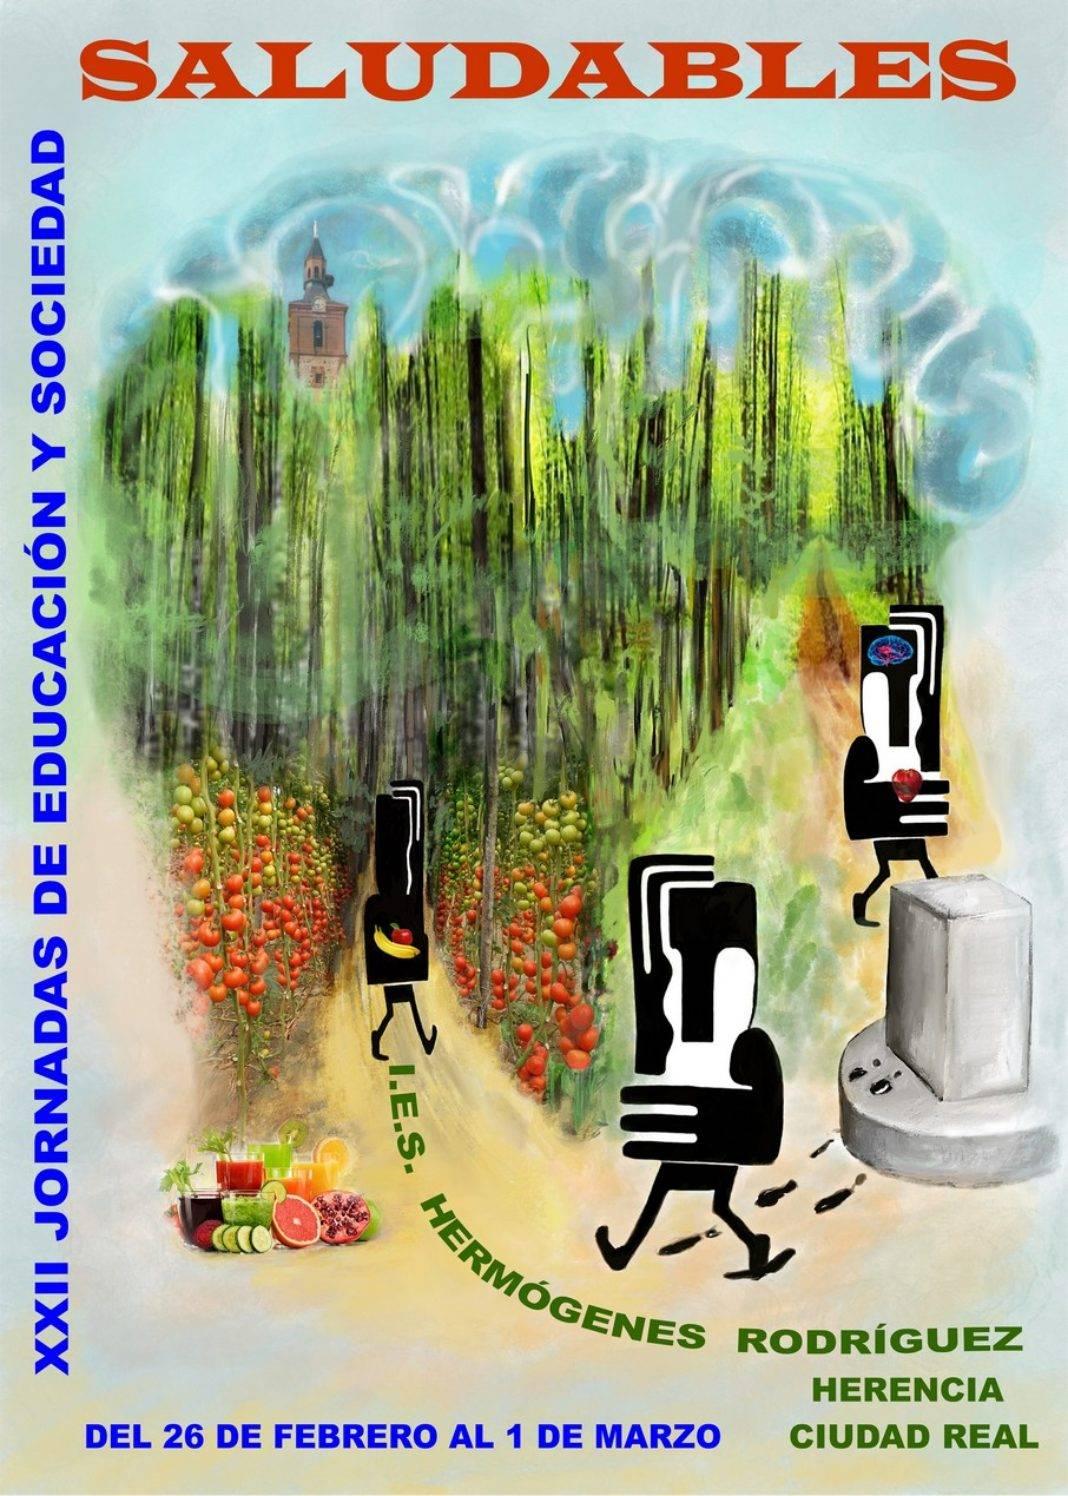 jornadas educacion saludable herencia cartel 1068x1496 - Las XXII Jornadas del IES Hermógenes Rodríguez dedicadas a hábitos saludables